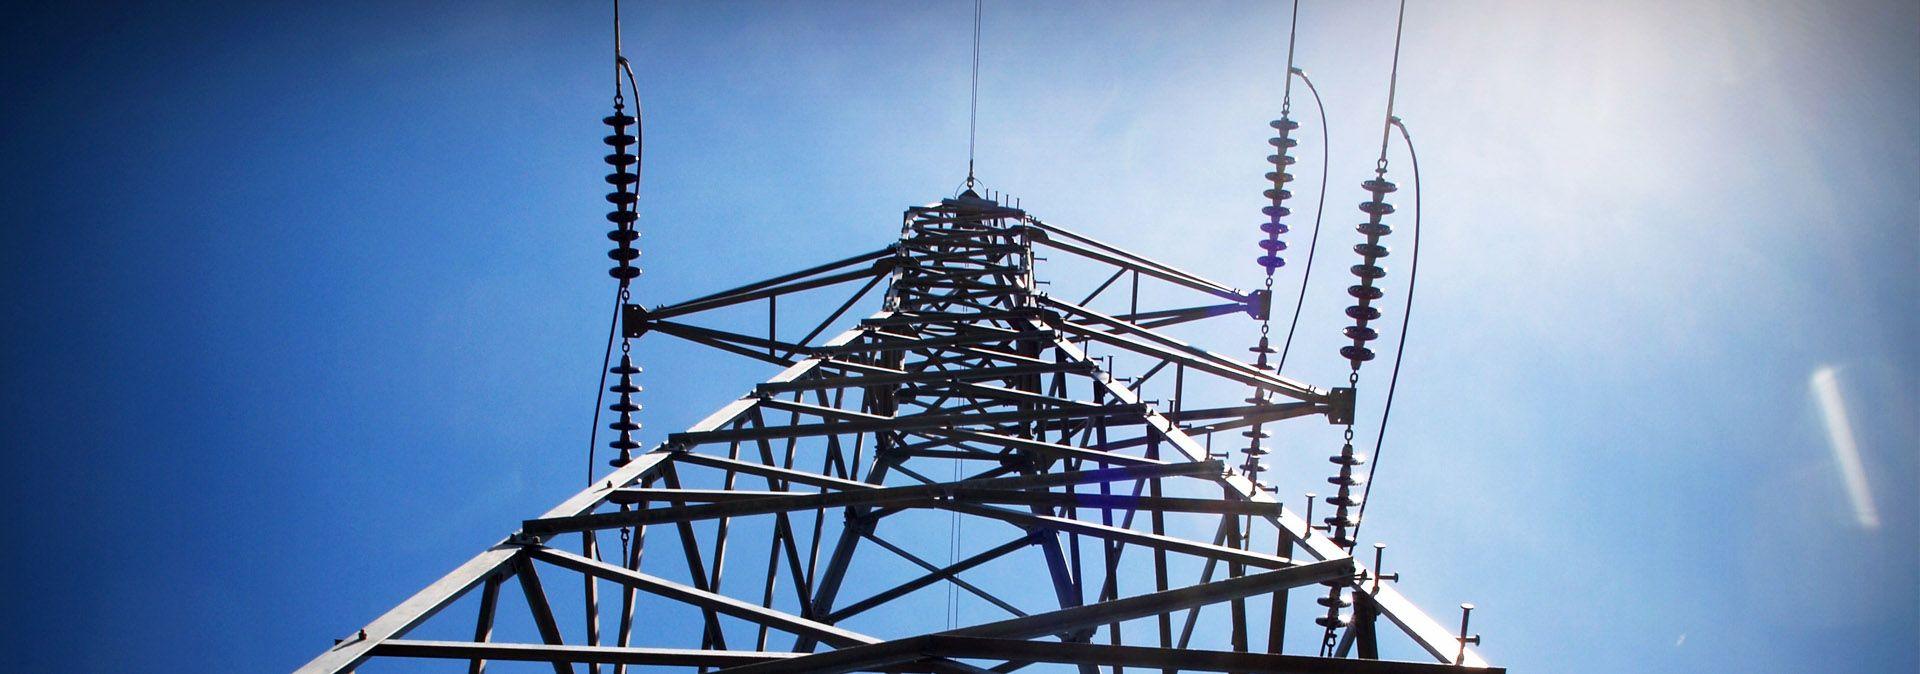 CONNECT ELECTRIC INGENIERÍA: modernización, automatización, ampliaciones y modificaciones de instalaciones eléctricas